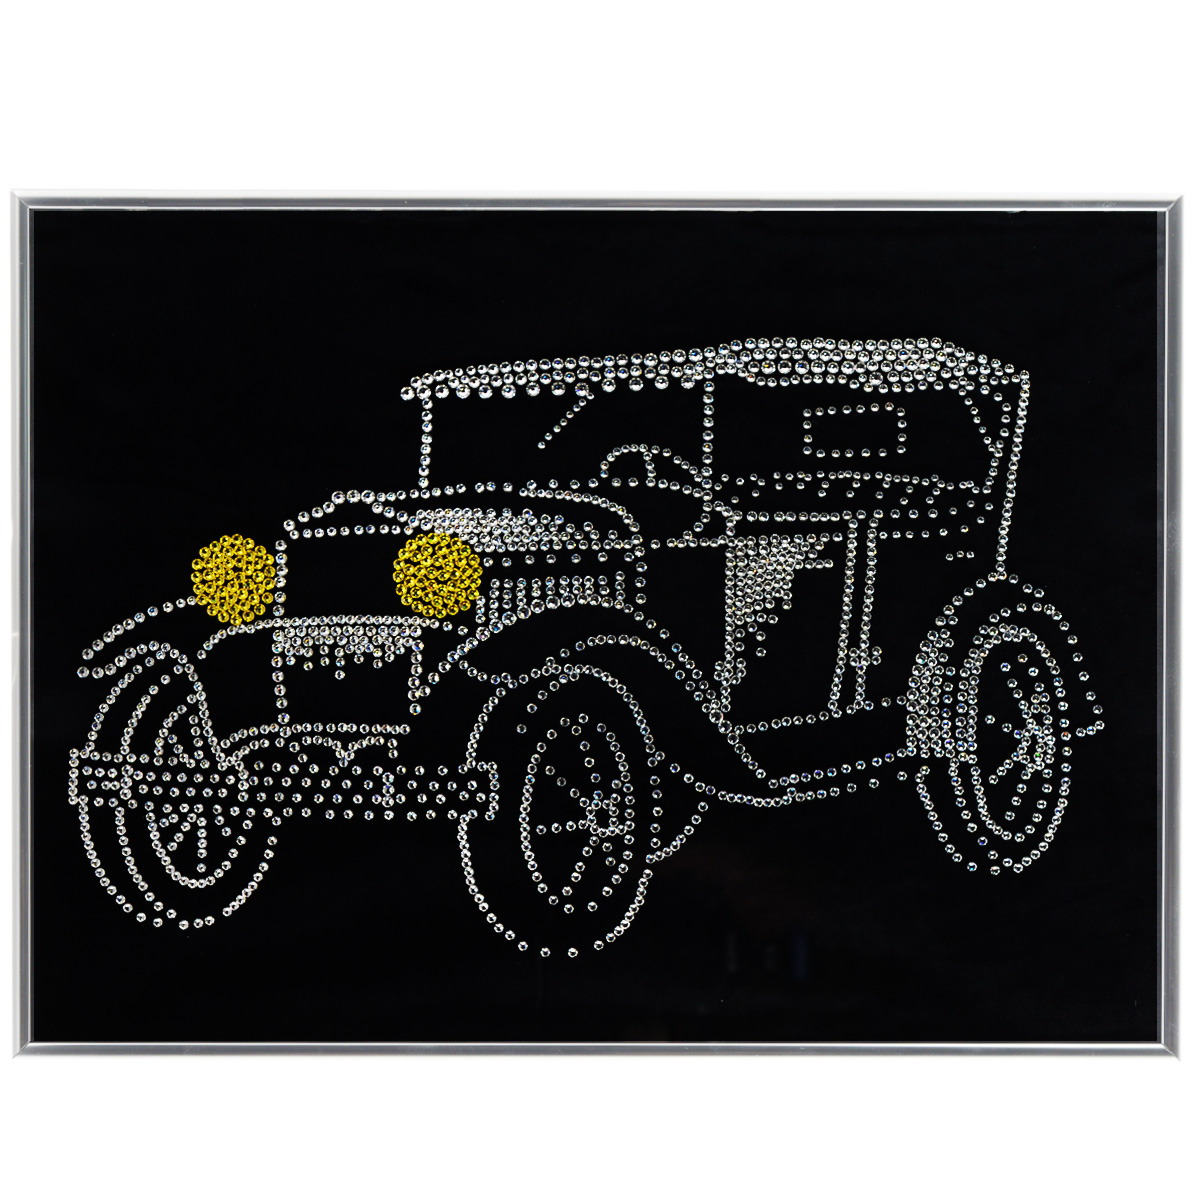 Картина с кристаллами Swarovski Ретроавтомобиль, 40 см х 30 см1082Изящная картина в металлической раме, инкрустирована кристаллами Swarovski в виде ретро автомобиля. Кристаллы Swarovski отличаются четкой и ровной огранкой, ярким блеском и чистотой цвета. Под стеклом картина оформлена бархатистой тканью, что прекрасно дополняет блеск кристаллов. С обратной стороны имеется металлическая проволока для размещения картины на стене. Картина с кристаллами Swarovski Ретроавтомобиль элегантно украсит интерьер дома или офиса, а также станет прекрасным подарком, который обязательно понравится получателю. Блеск кристаллов в интерьере, что может быть сказочнее и удивительнее. Картина упакована в подарочную картонную коробку синего цвета и комплектуется сертификатом соответствия Swarovski.